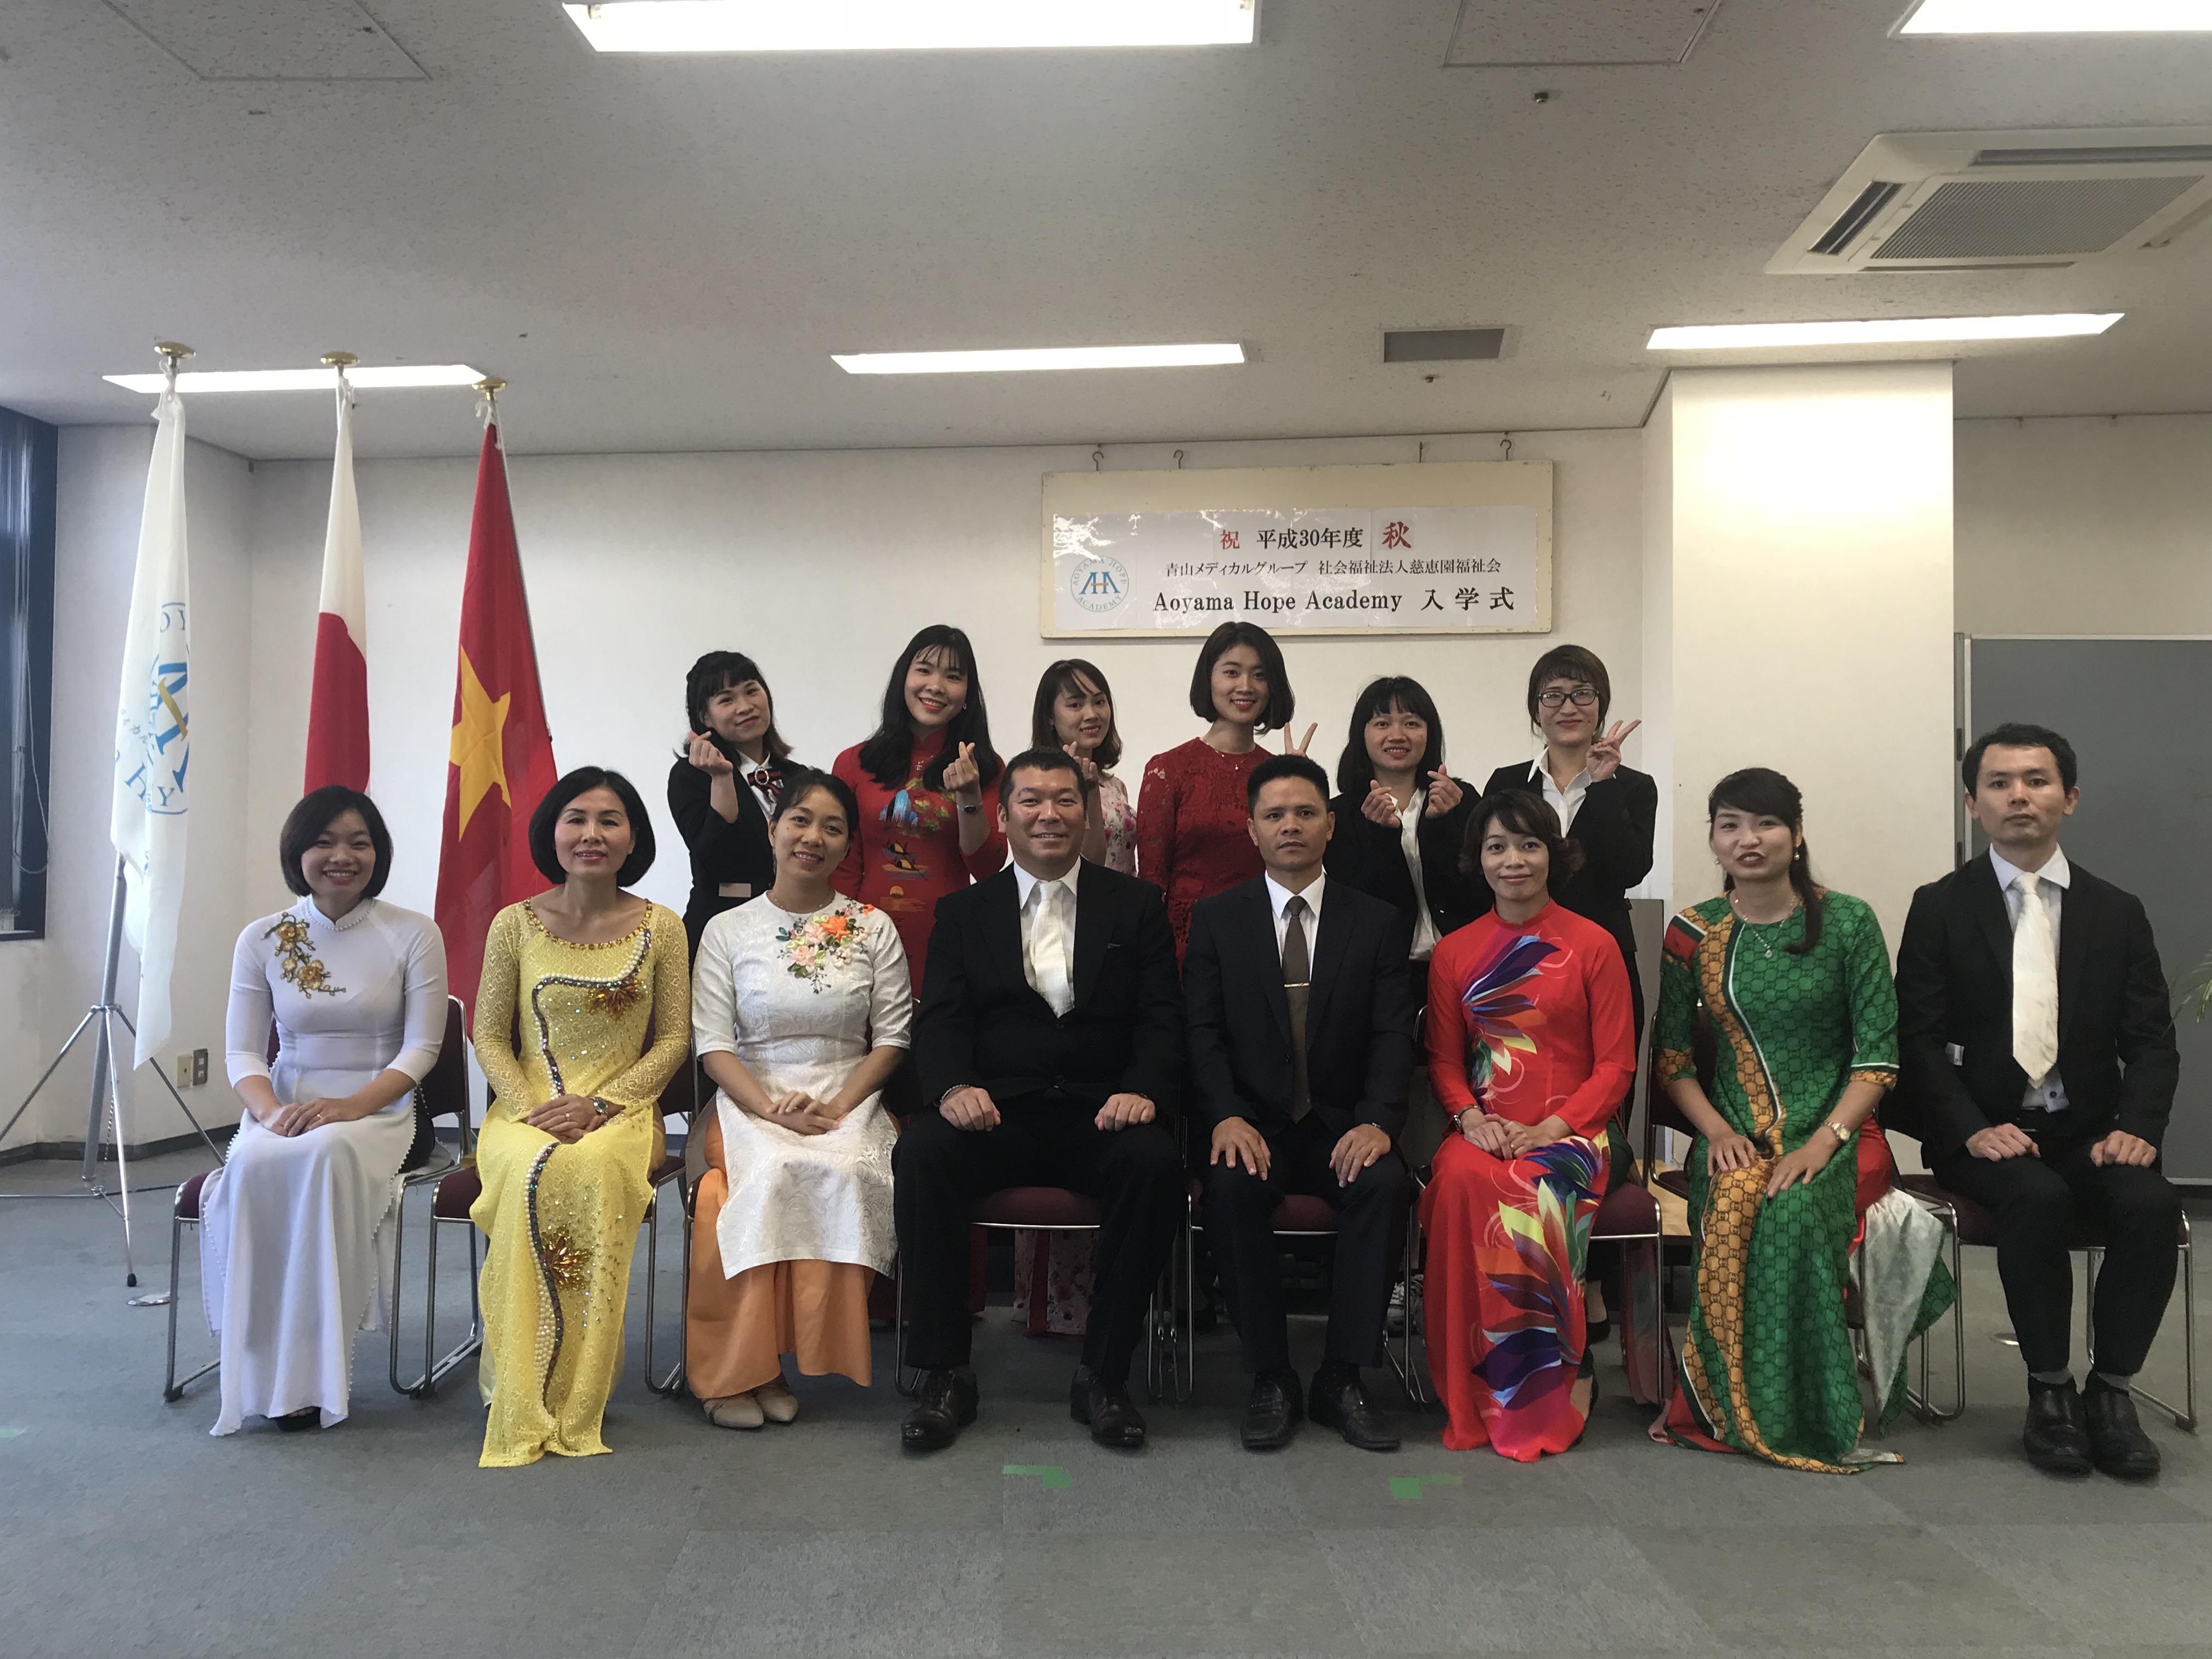 Đoàn công tác dự lễ Khai giảng tại học viện AOYAMA